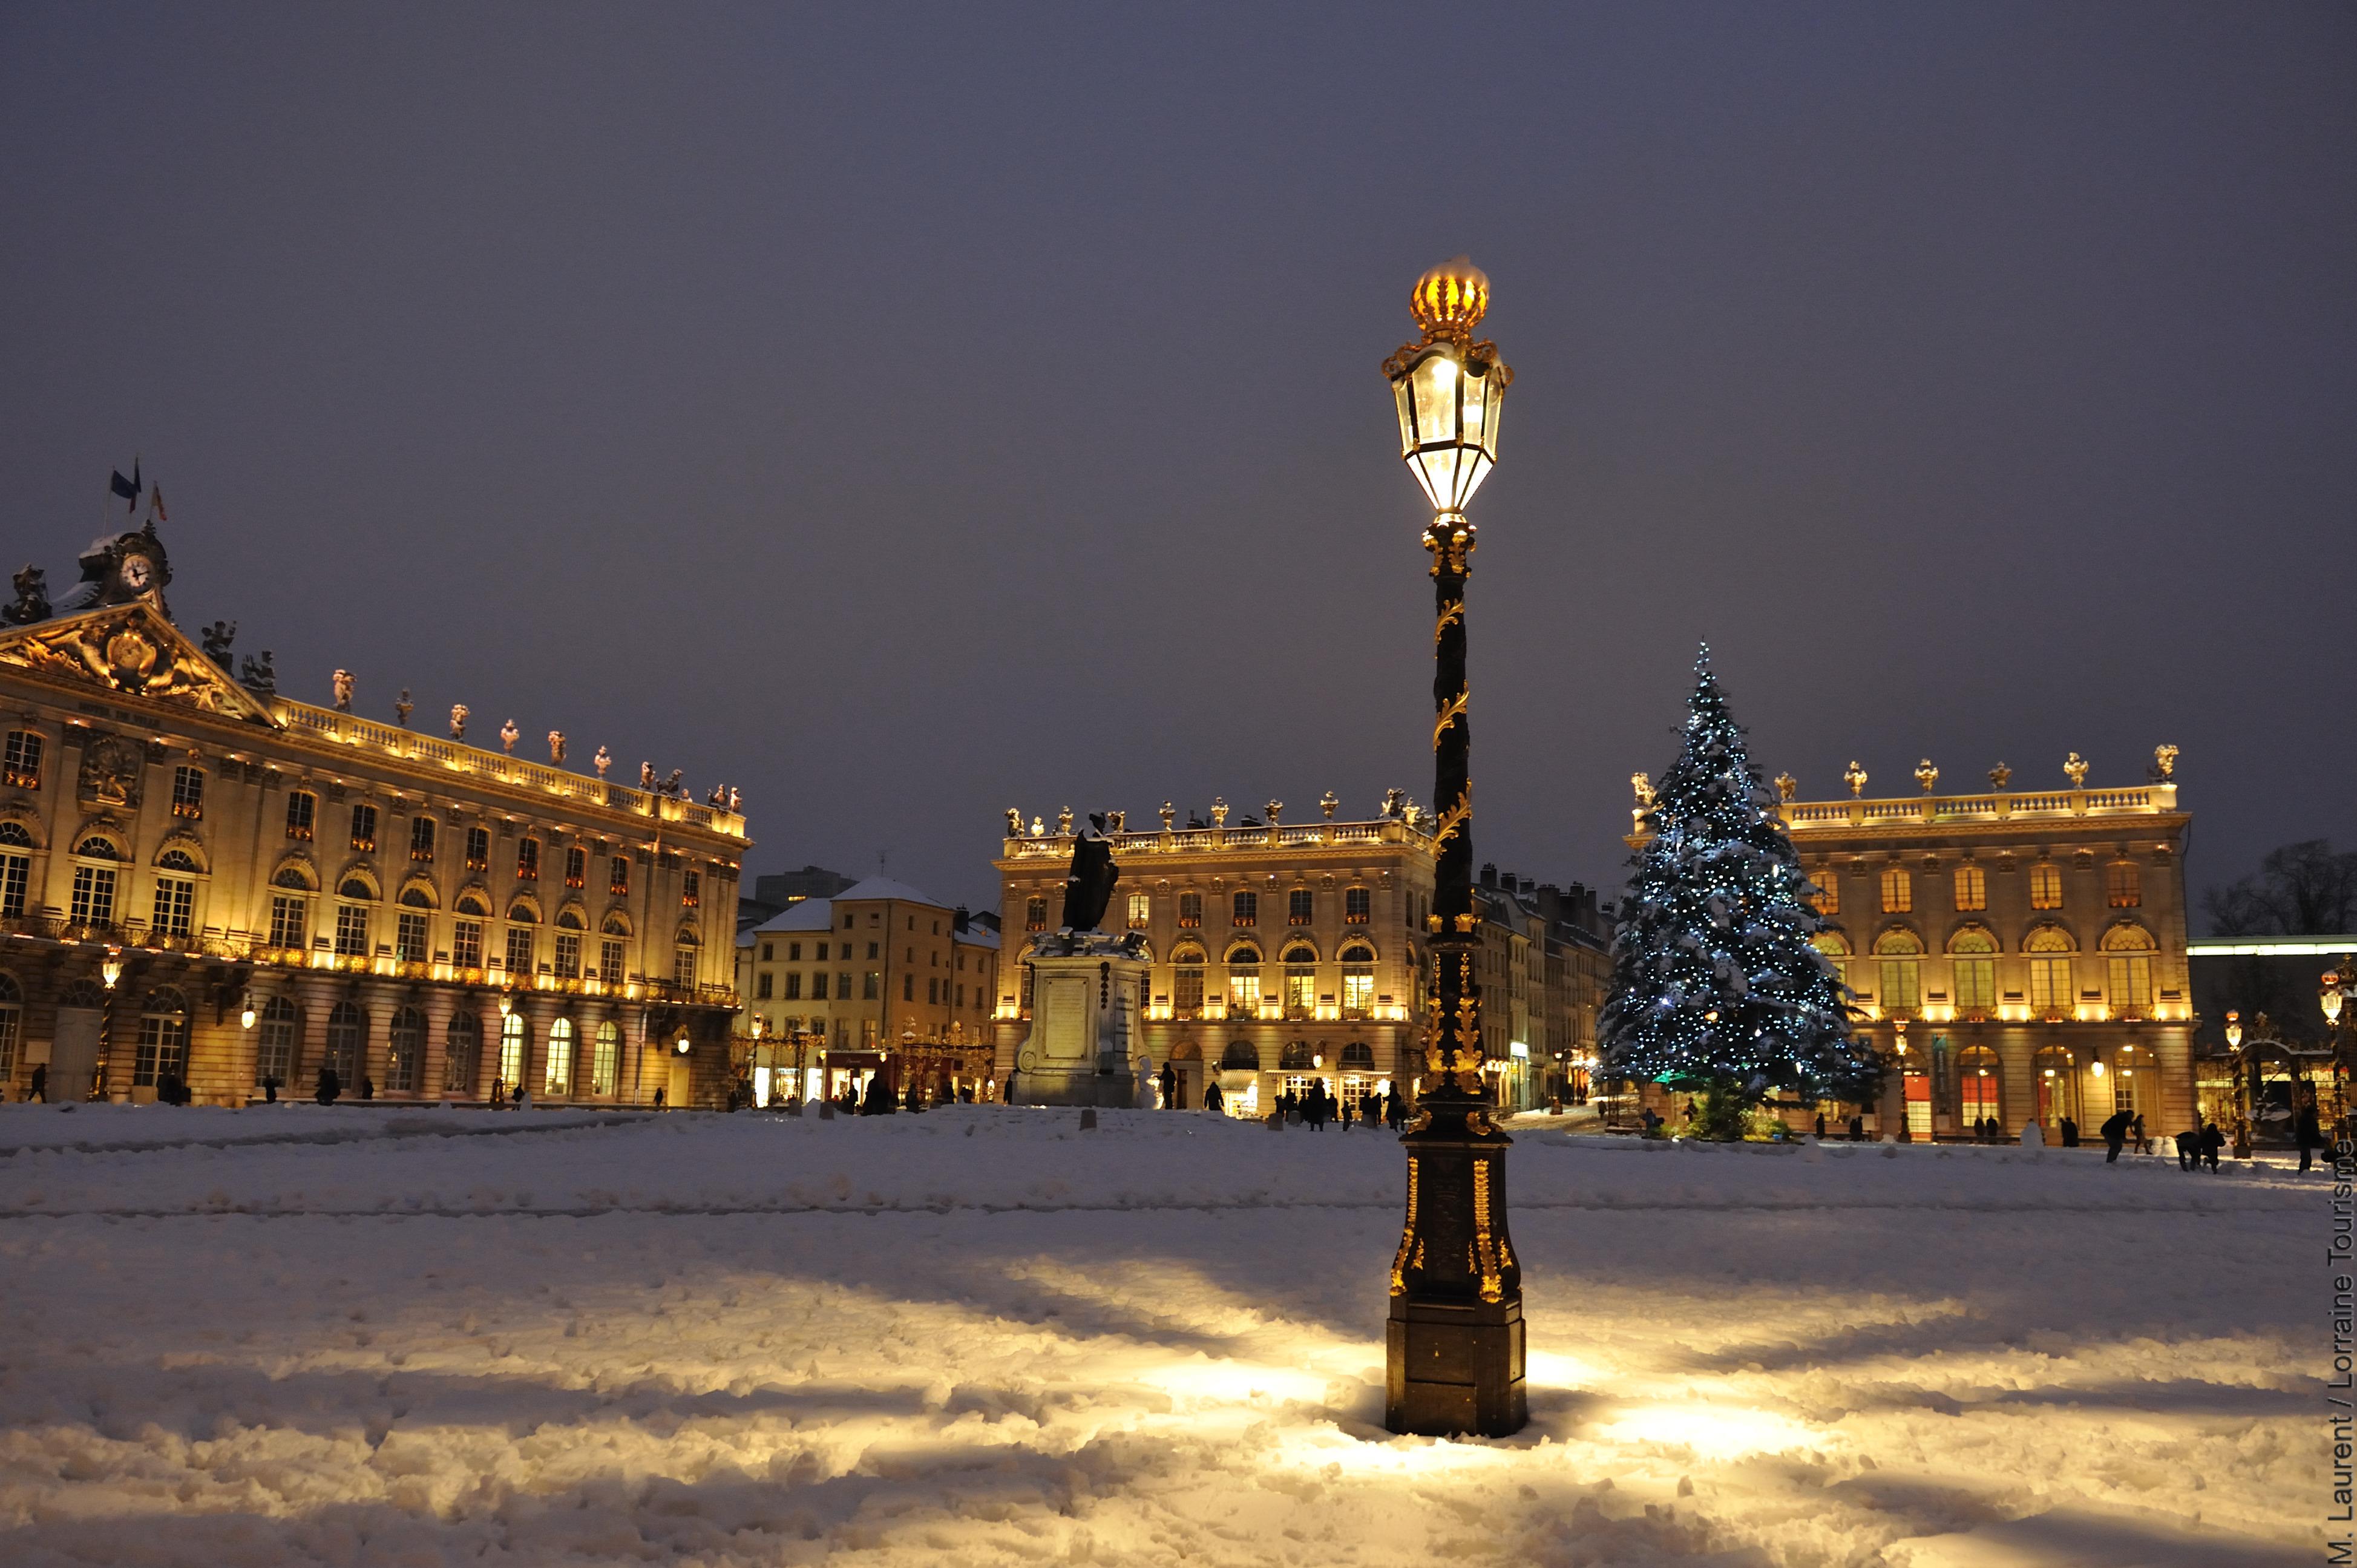 Nancy en Lorraine, le sapin de Noël place Stanislas, Patrimoine mondial de l'UNESCO